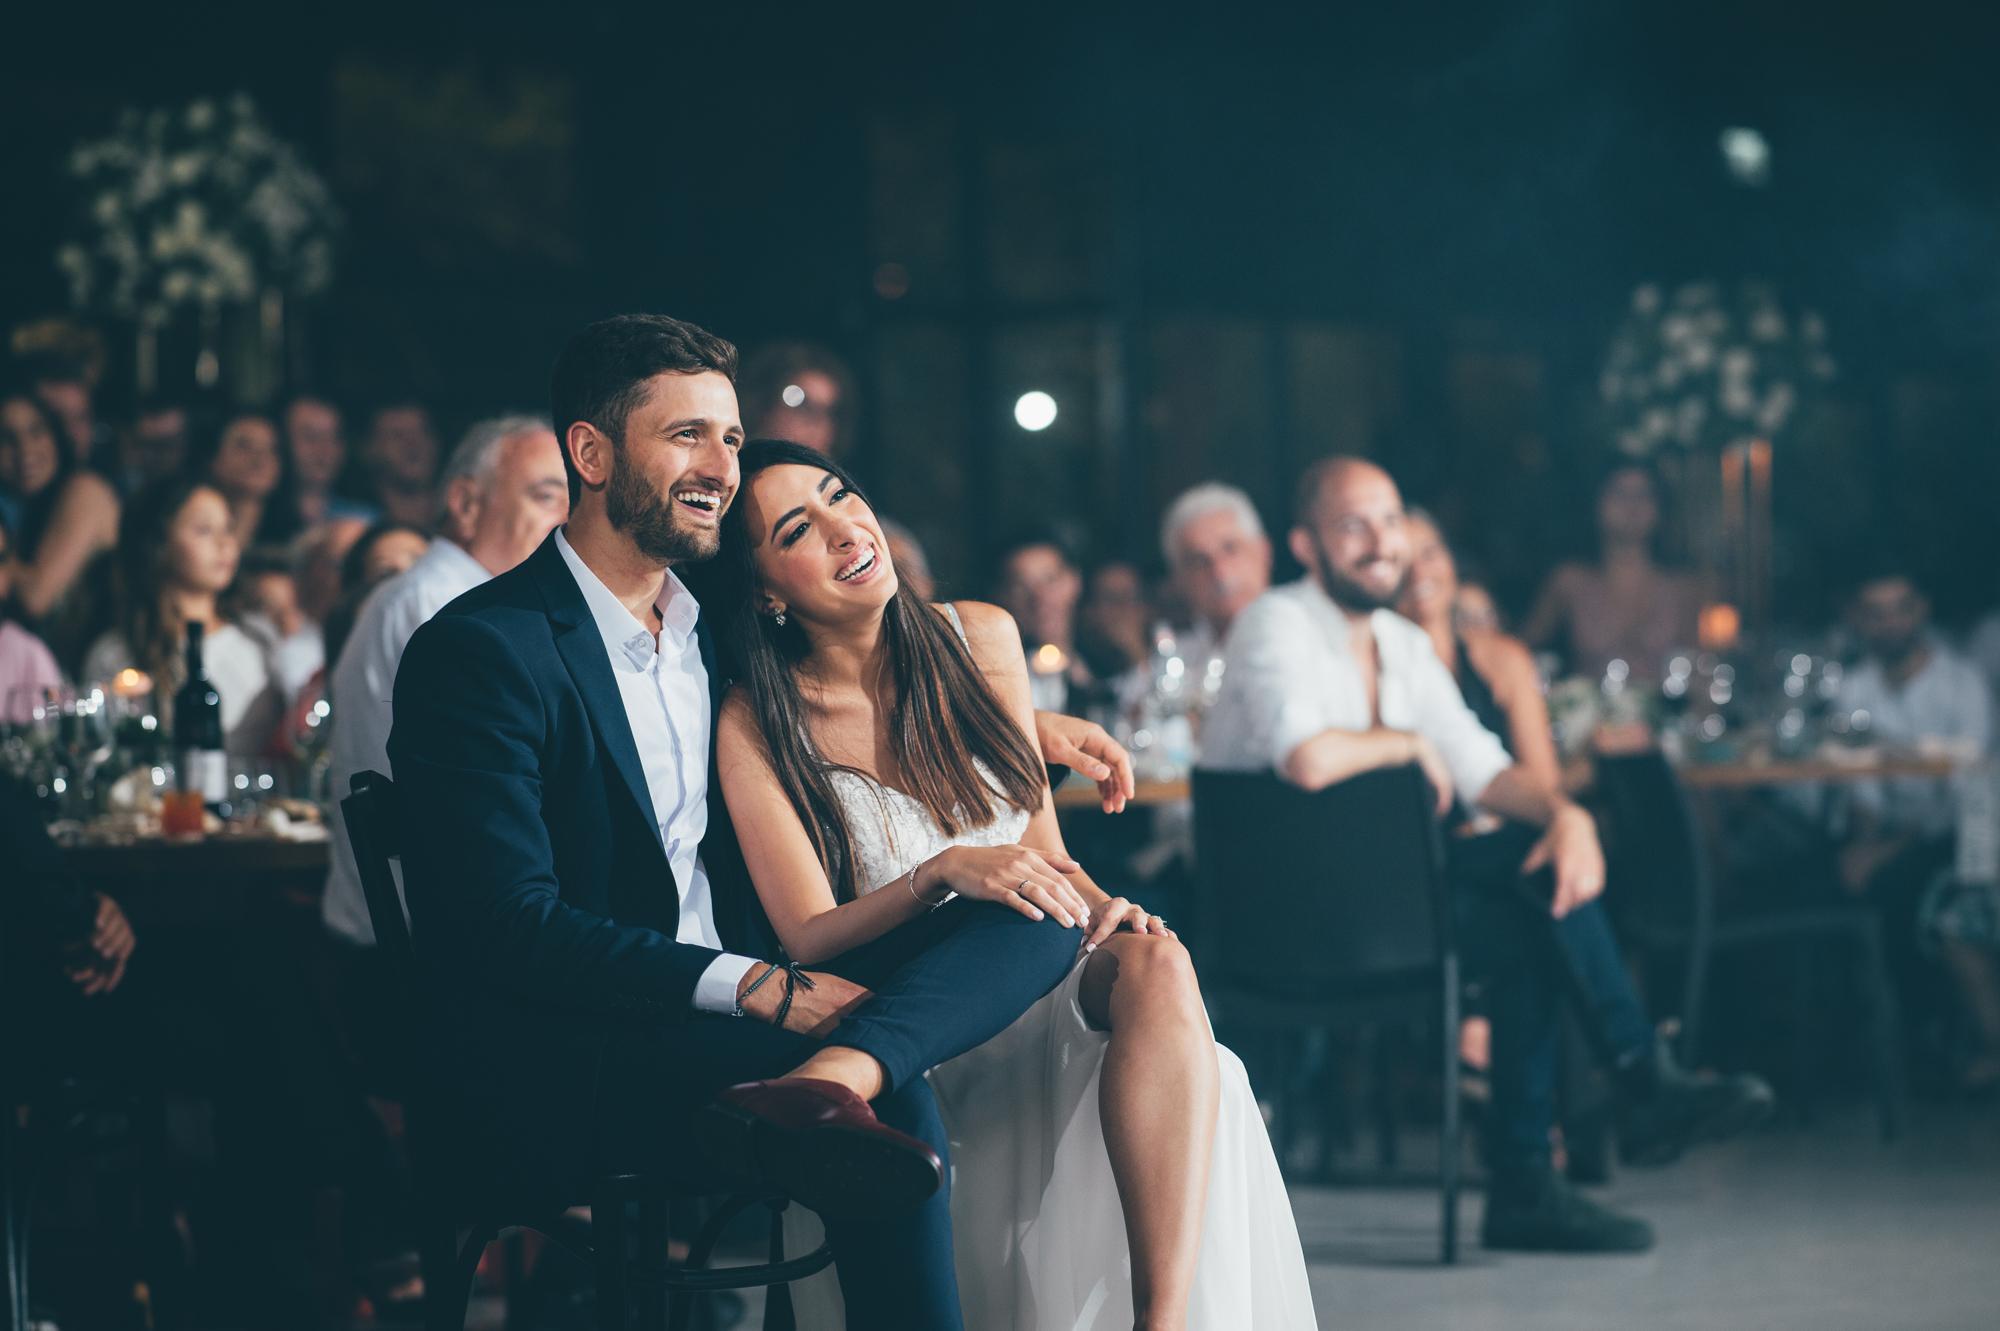 Wedding photos by - Asaf Kliger-100.jpg